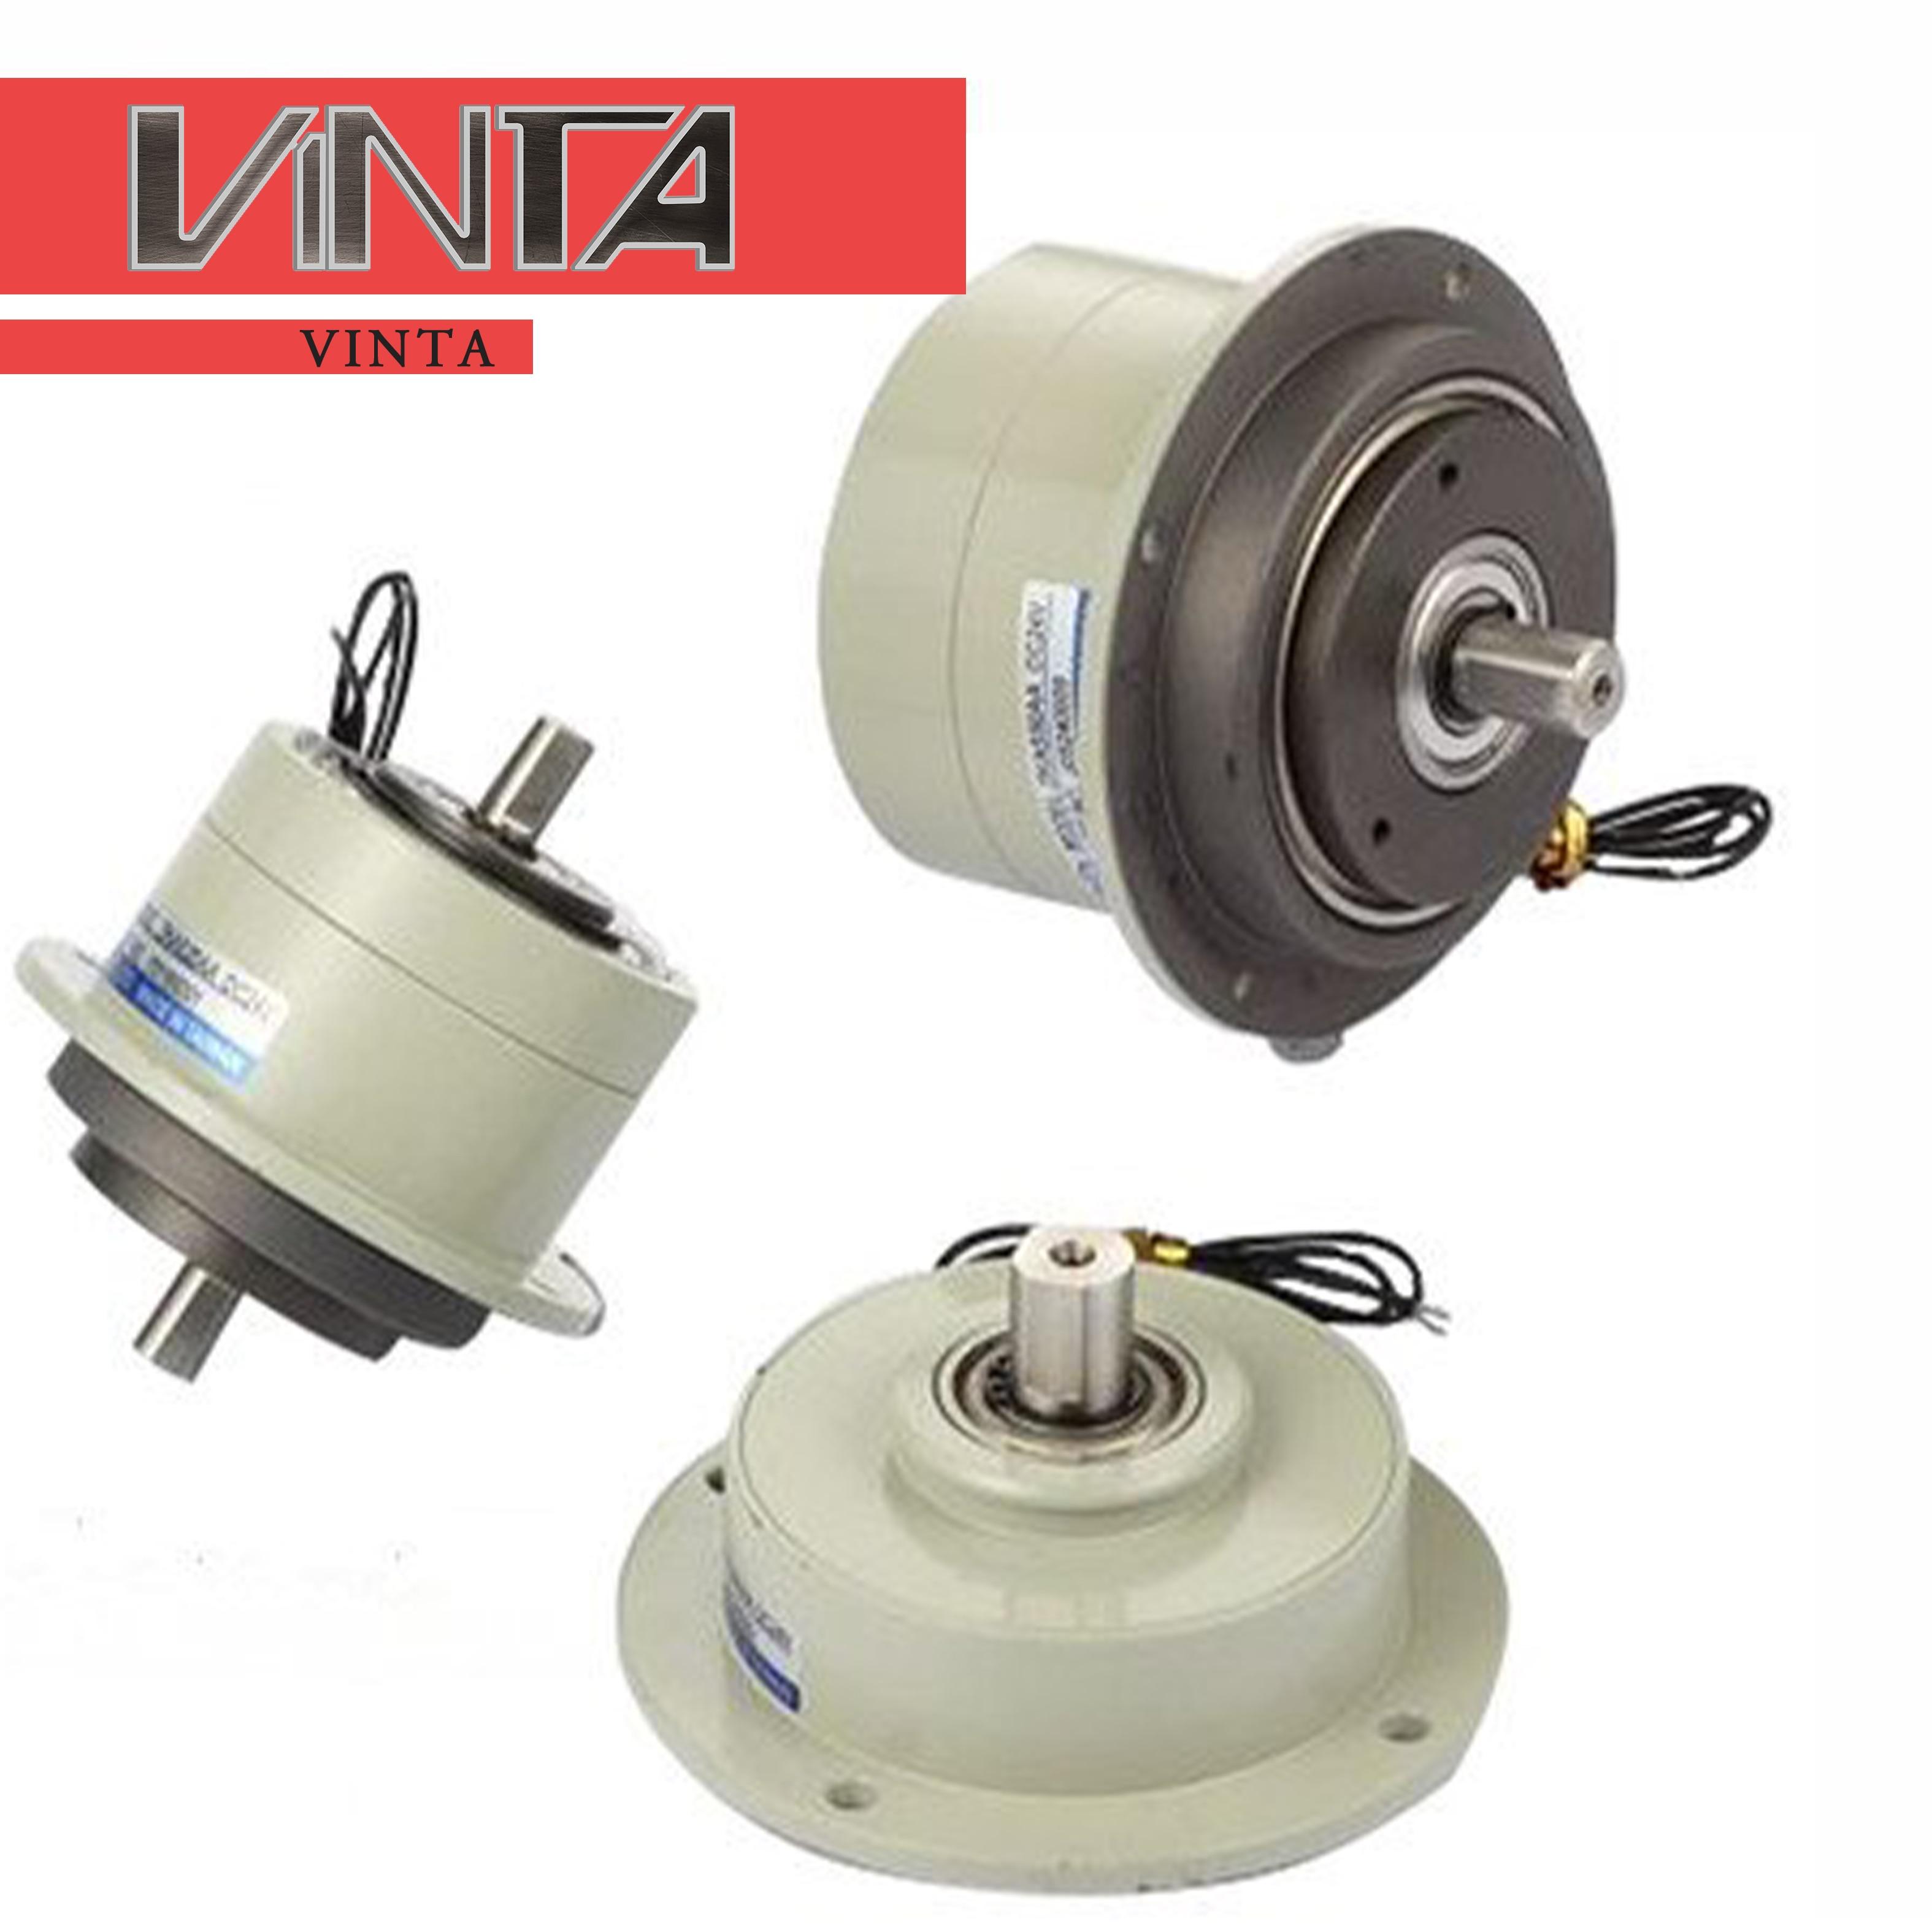 Livraison gratuite Micro embrayage à particules magnétiques PMC double arbres frein à poudre magnétique deux contrôleur de Tension d'embrayage électrique